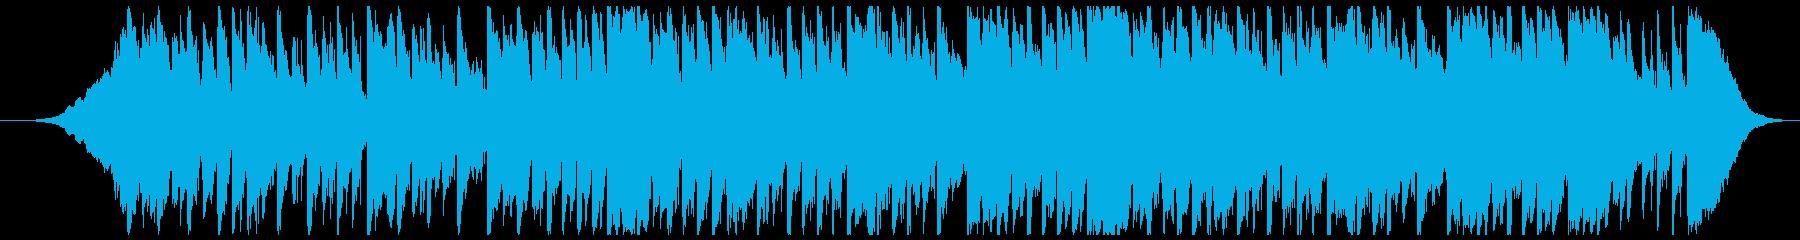 会社の事業プレゼン用トラック-30秒の再生済みの波形